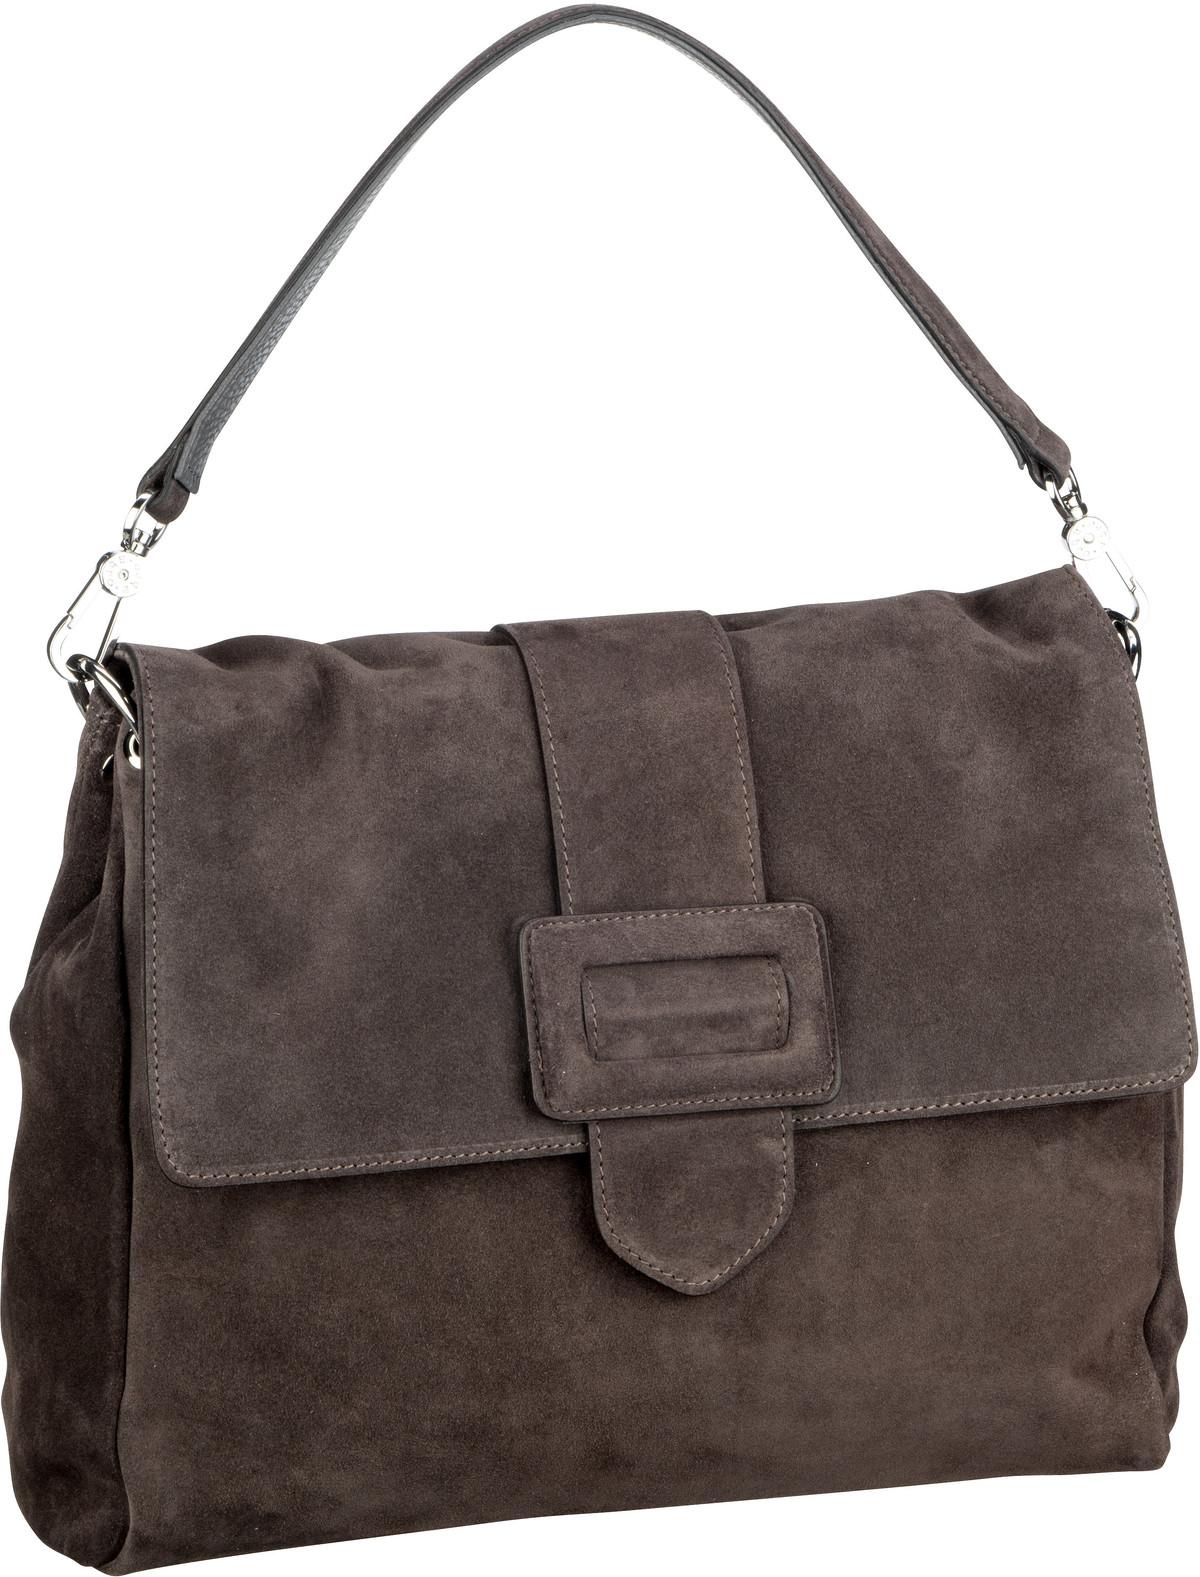 Handtasche Suede 28612 Dark Grey